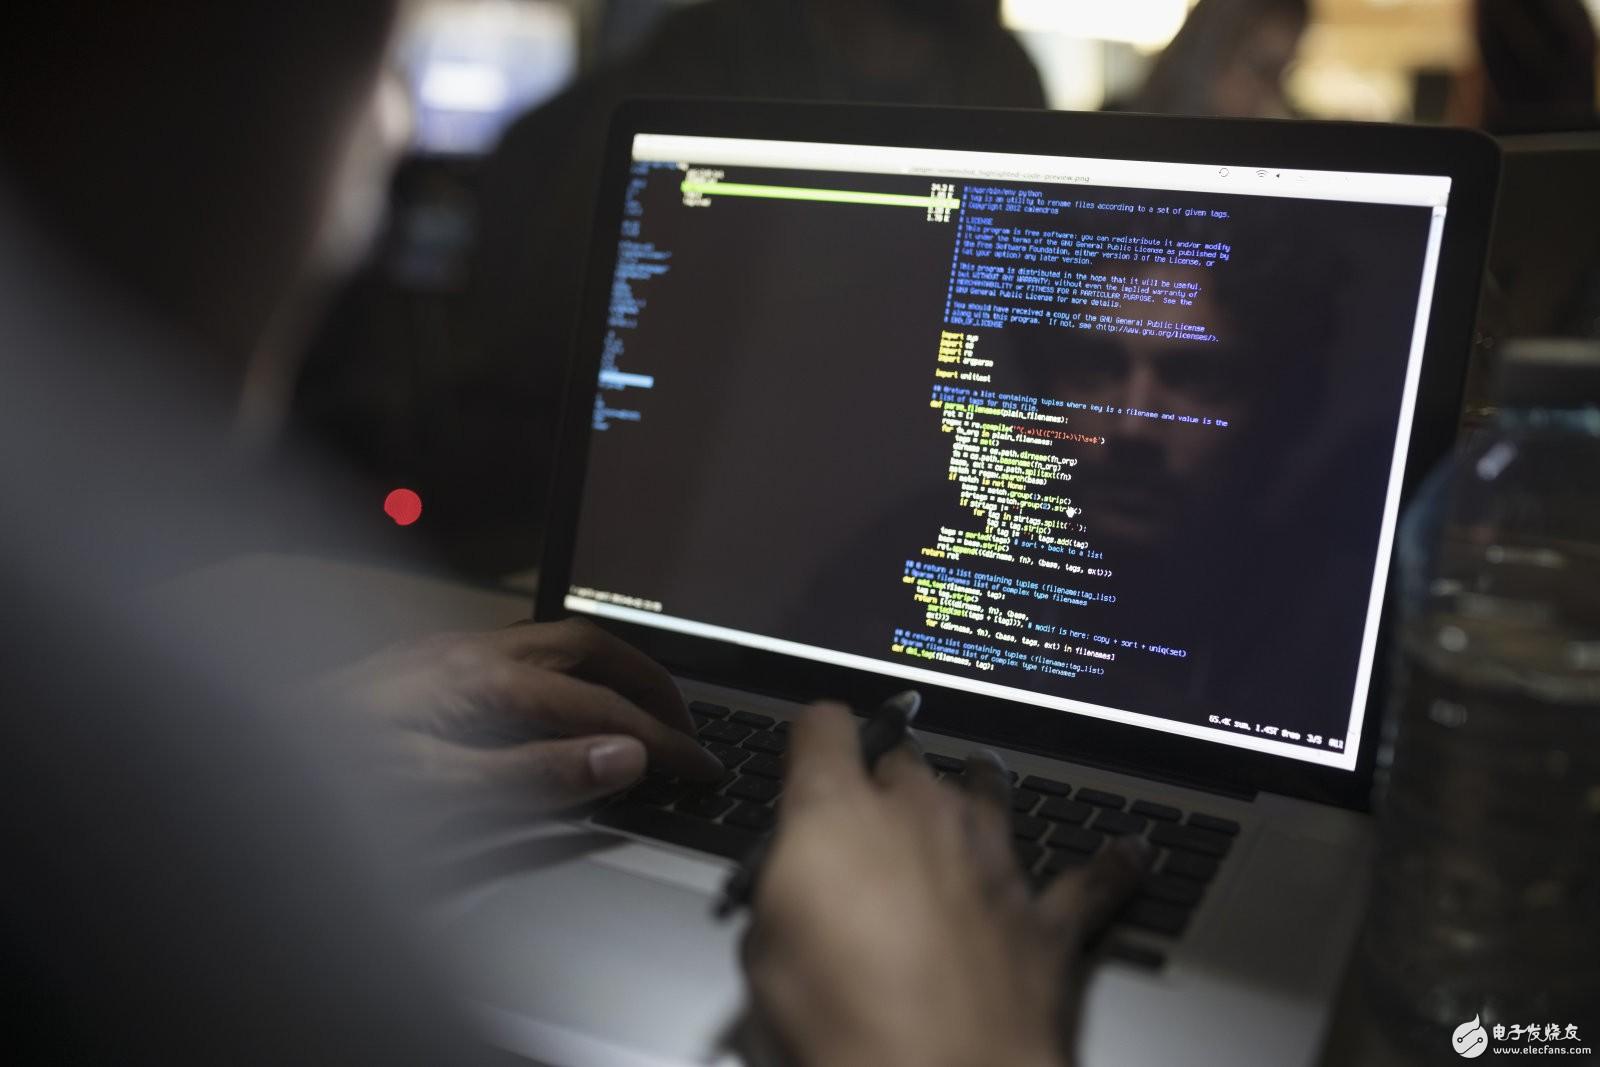 机器学习能通过类似「指纹辨识」的方式识别出代码的编写者